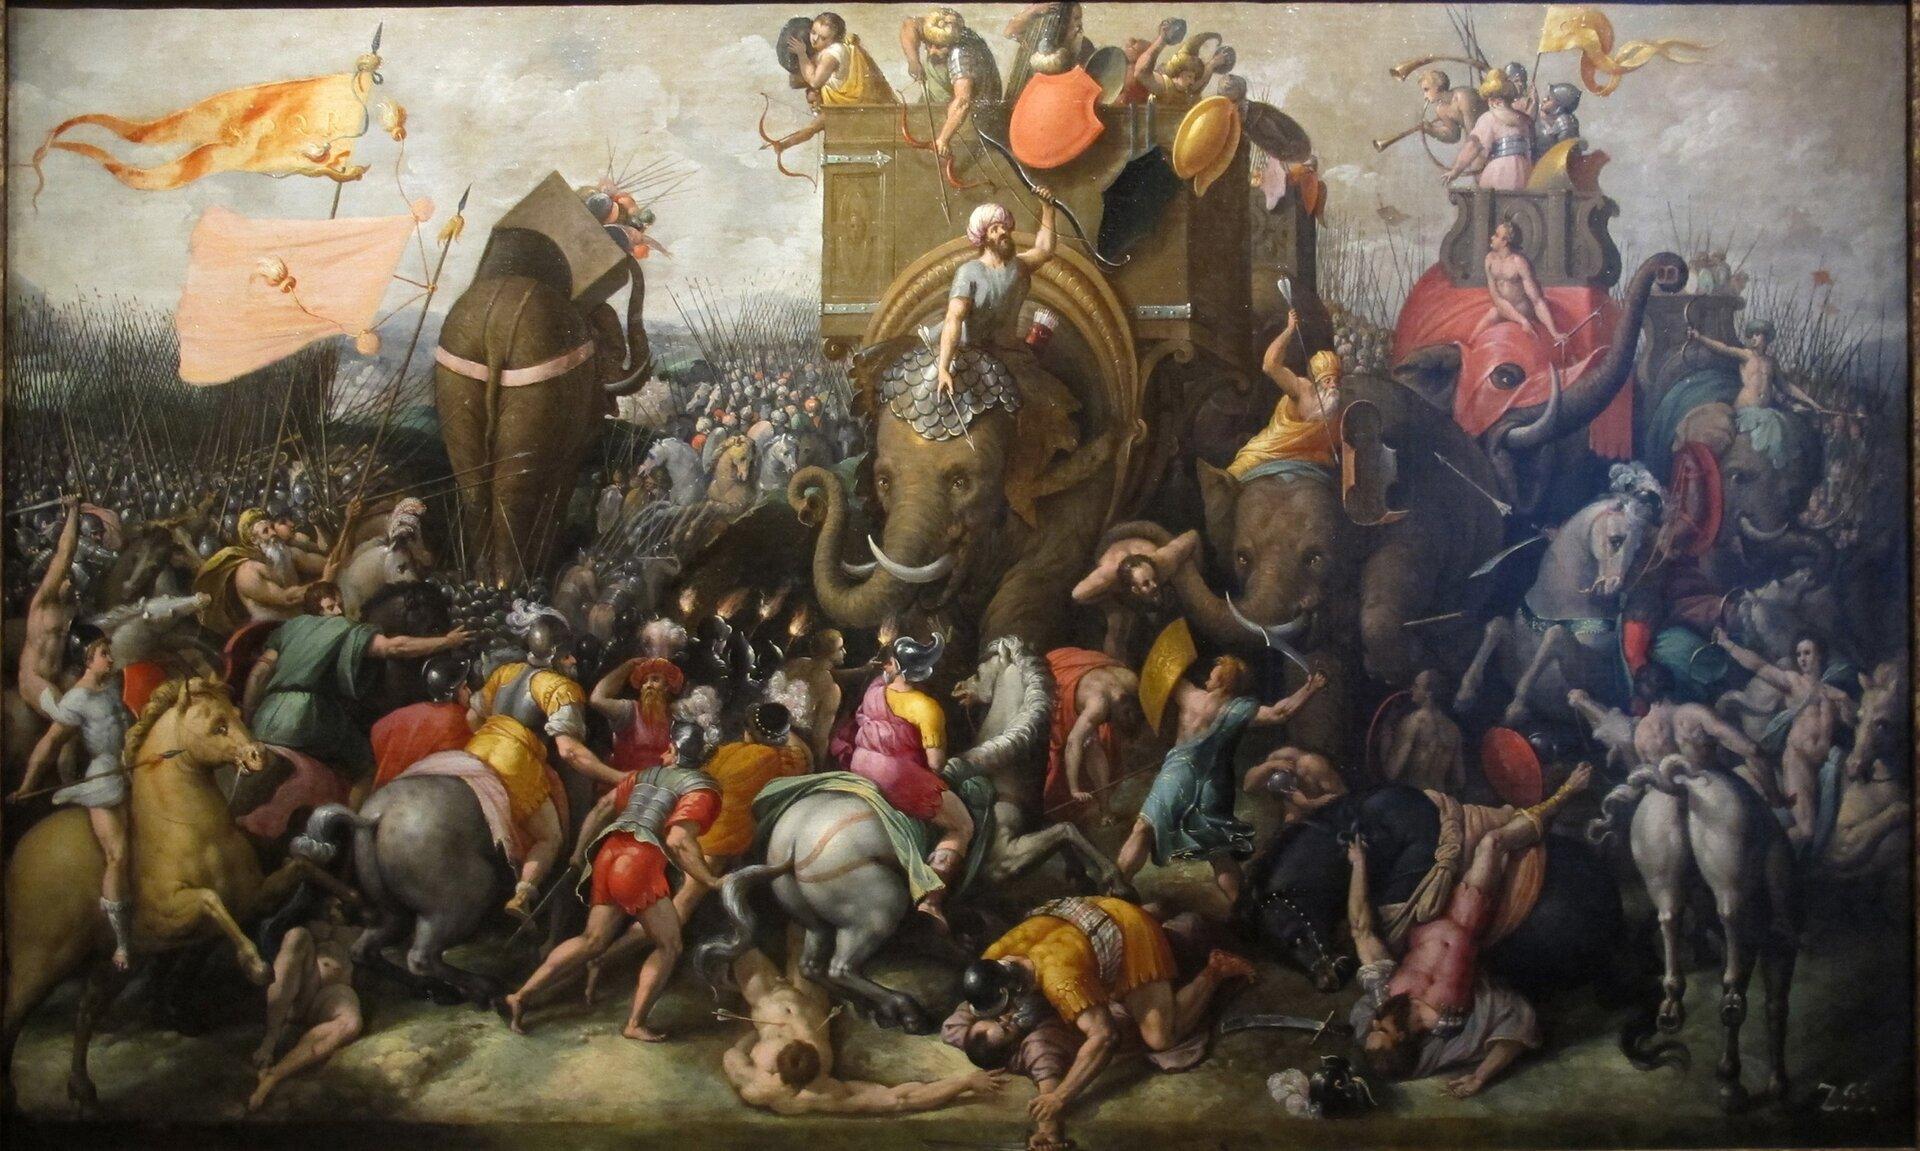 """Kolorowa ilustracja ukazuje dzieło Cornelisa Corta pt. """"Bitwa pod Zamą"""". Jest to scena starcia wojsk rzymskich zpunickimi. Wcentralnej części obrazu znajdują się wojownicy jadący na słoniach. Dwa słonie ukazane są zprzodu, jeden, na drugim planie, tyłem. Na pierwszym planie walczy konnica. Na ziemi leżą martwi iranni żołnierze. Nad walczącymi powiewają chorągwie."""